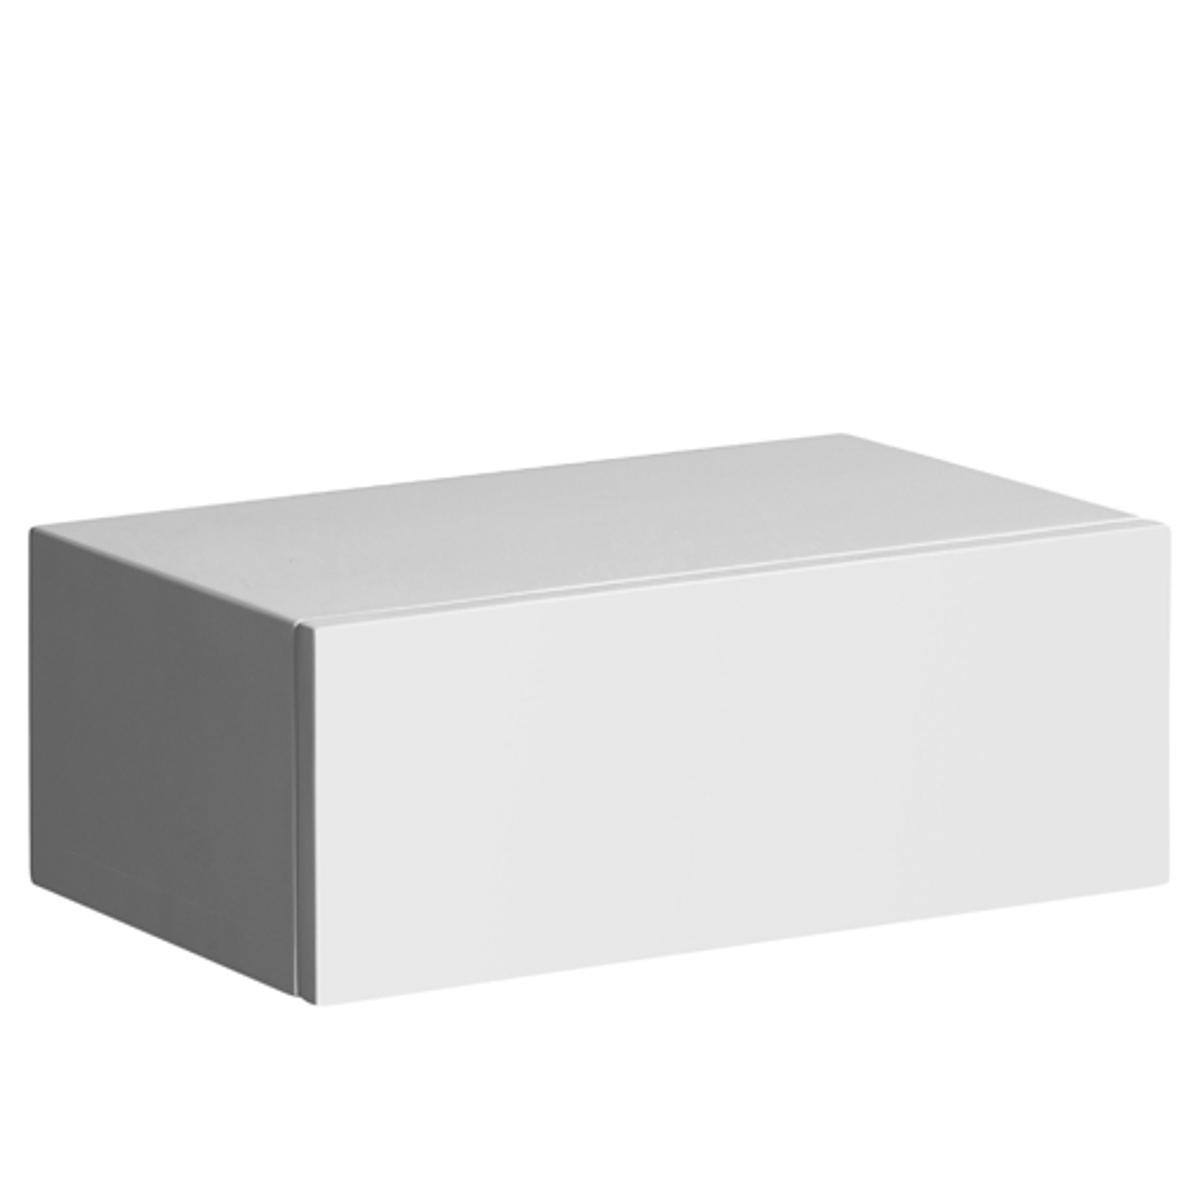 Тумба прикроватная - шкафчик Vesper, 3 отделкиМДФ с лаковым покрытием- нитроцеллюлоза и полиуретан (модель под покраску из массива сосны). Размеры  : Шир..40 x Гл.25 x.15 см..<br><br>Цвет: белый,под покраску,черный<br>Размер: единый размер